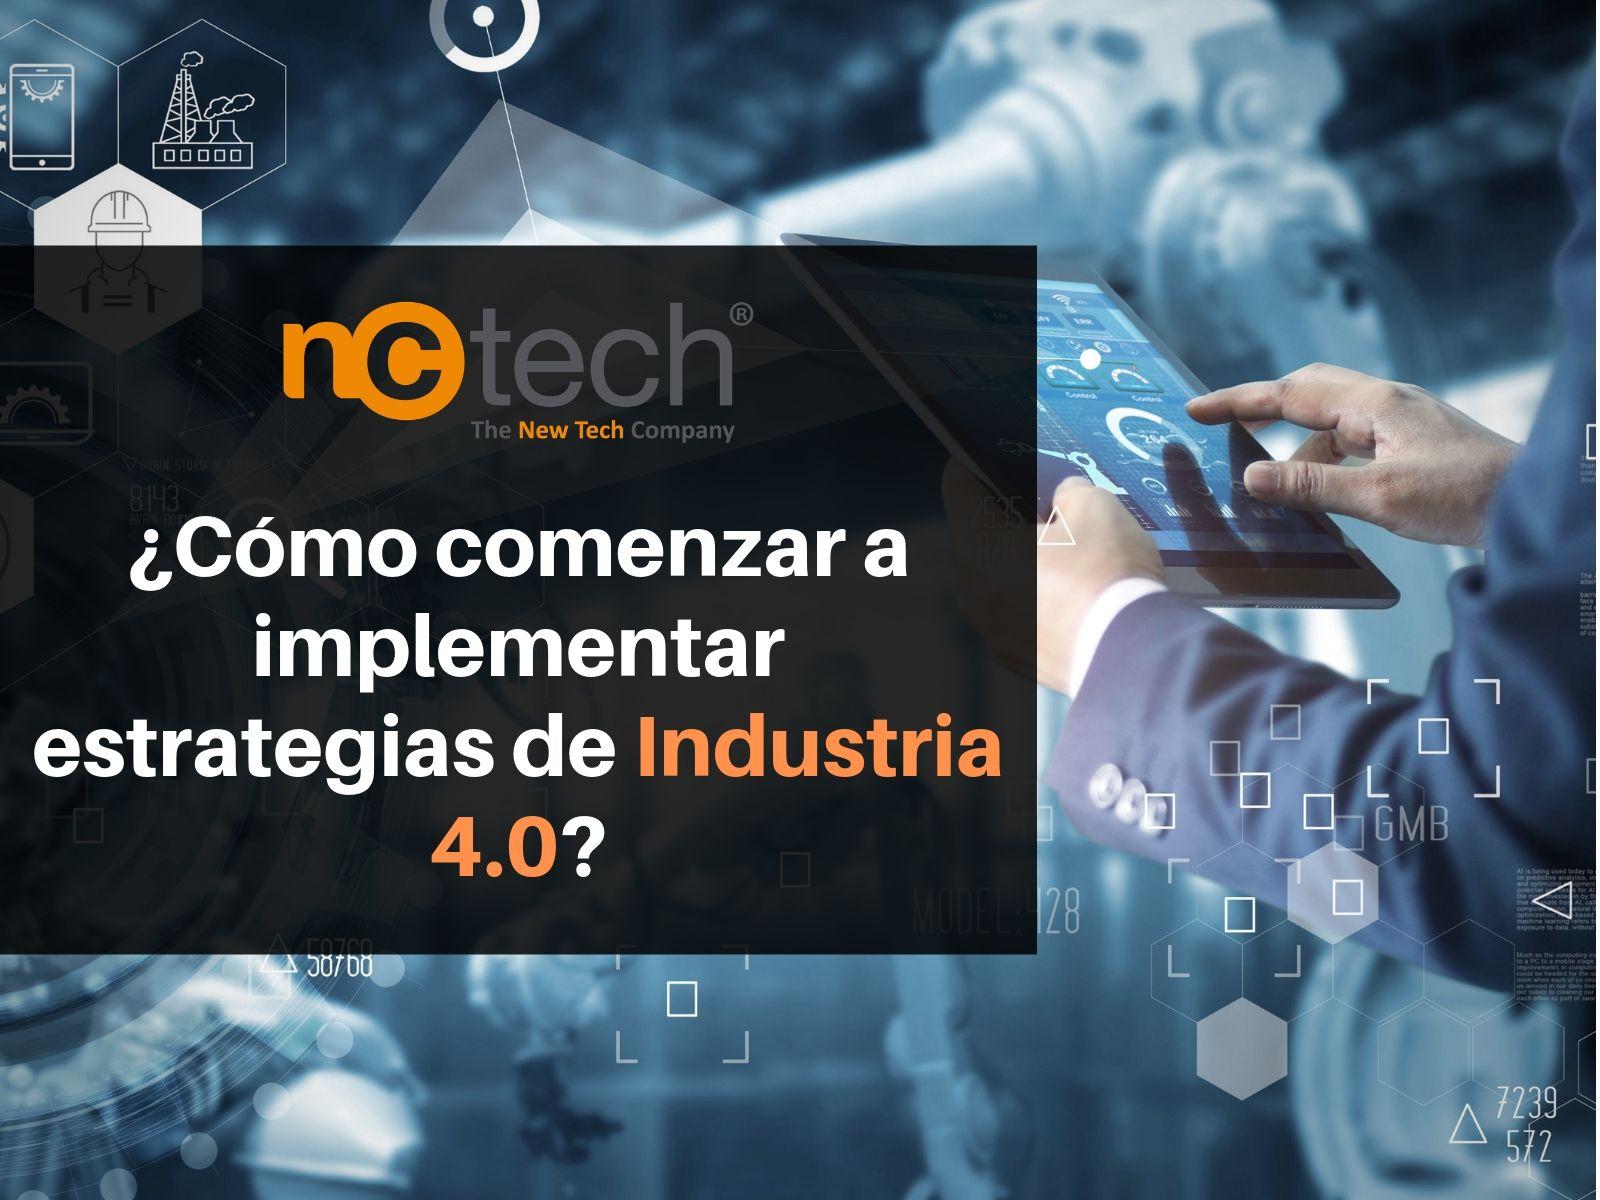 ¿Cómo comenzar a implementar estrategias de Industria 4.0?